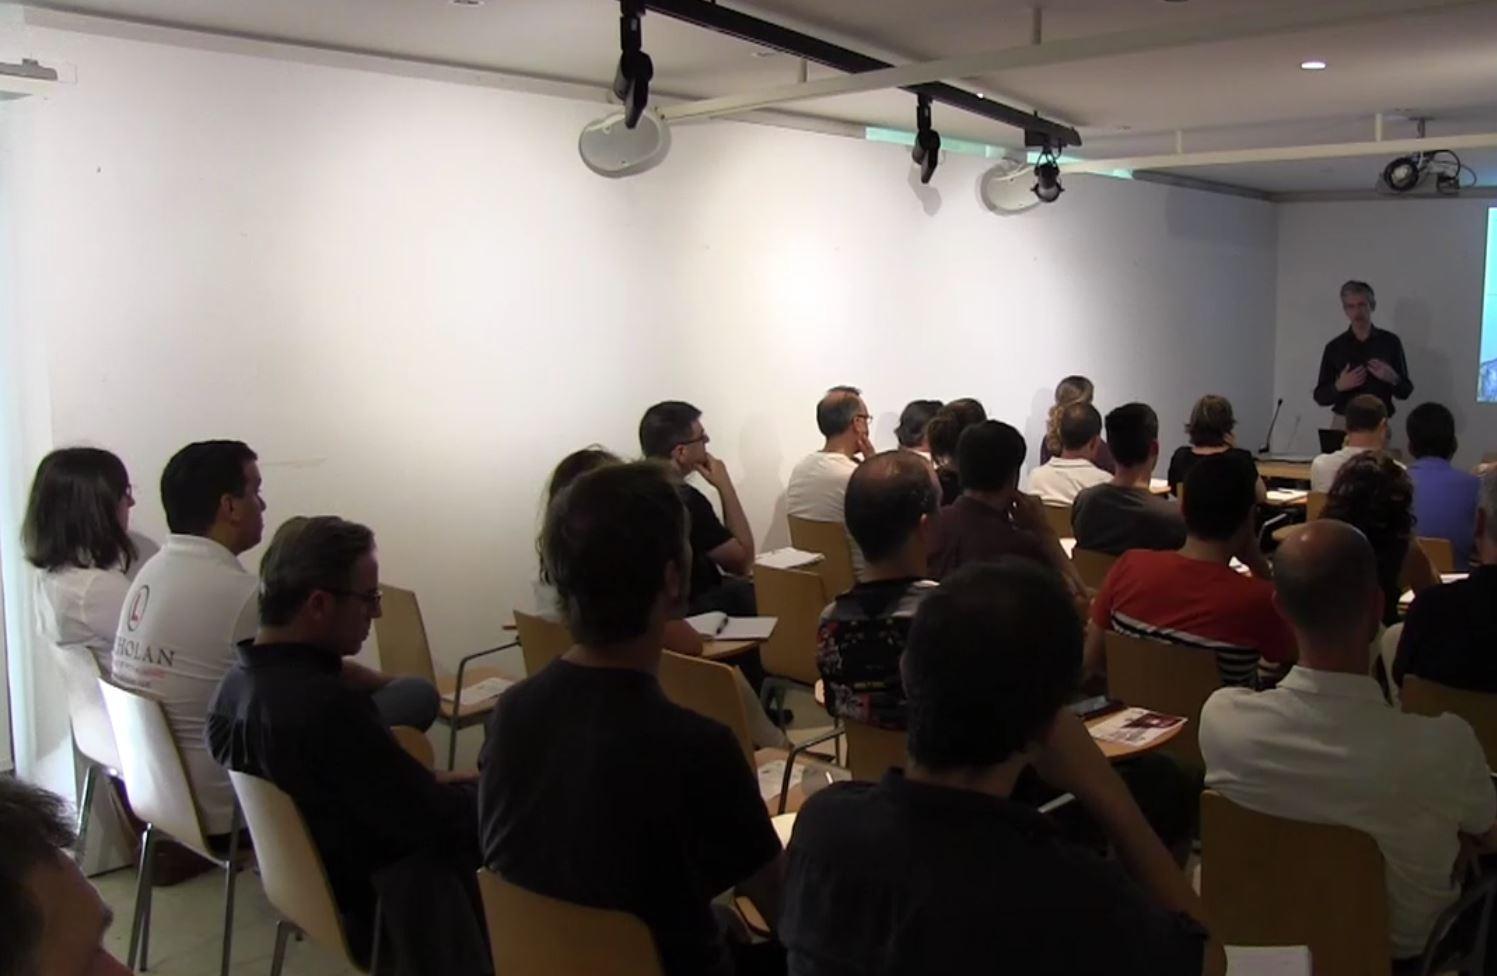 """foto noticia: Éxito de asistencia en la jornada """"Passivhaus: estándar y rehabilitación"""" organizada por el COAVN, Kursaal Green y Energiehaus"""